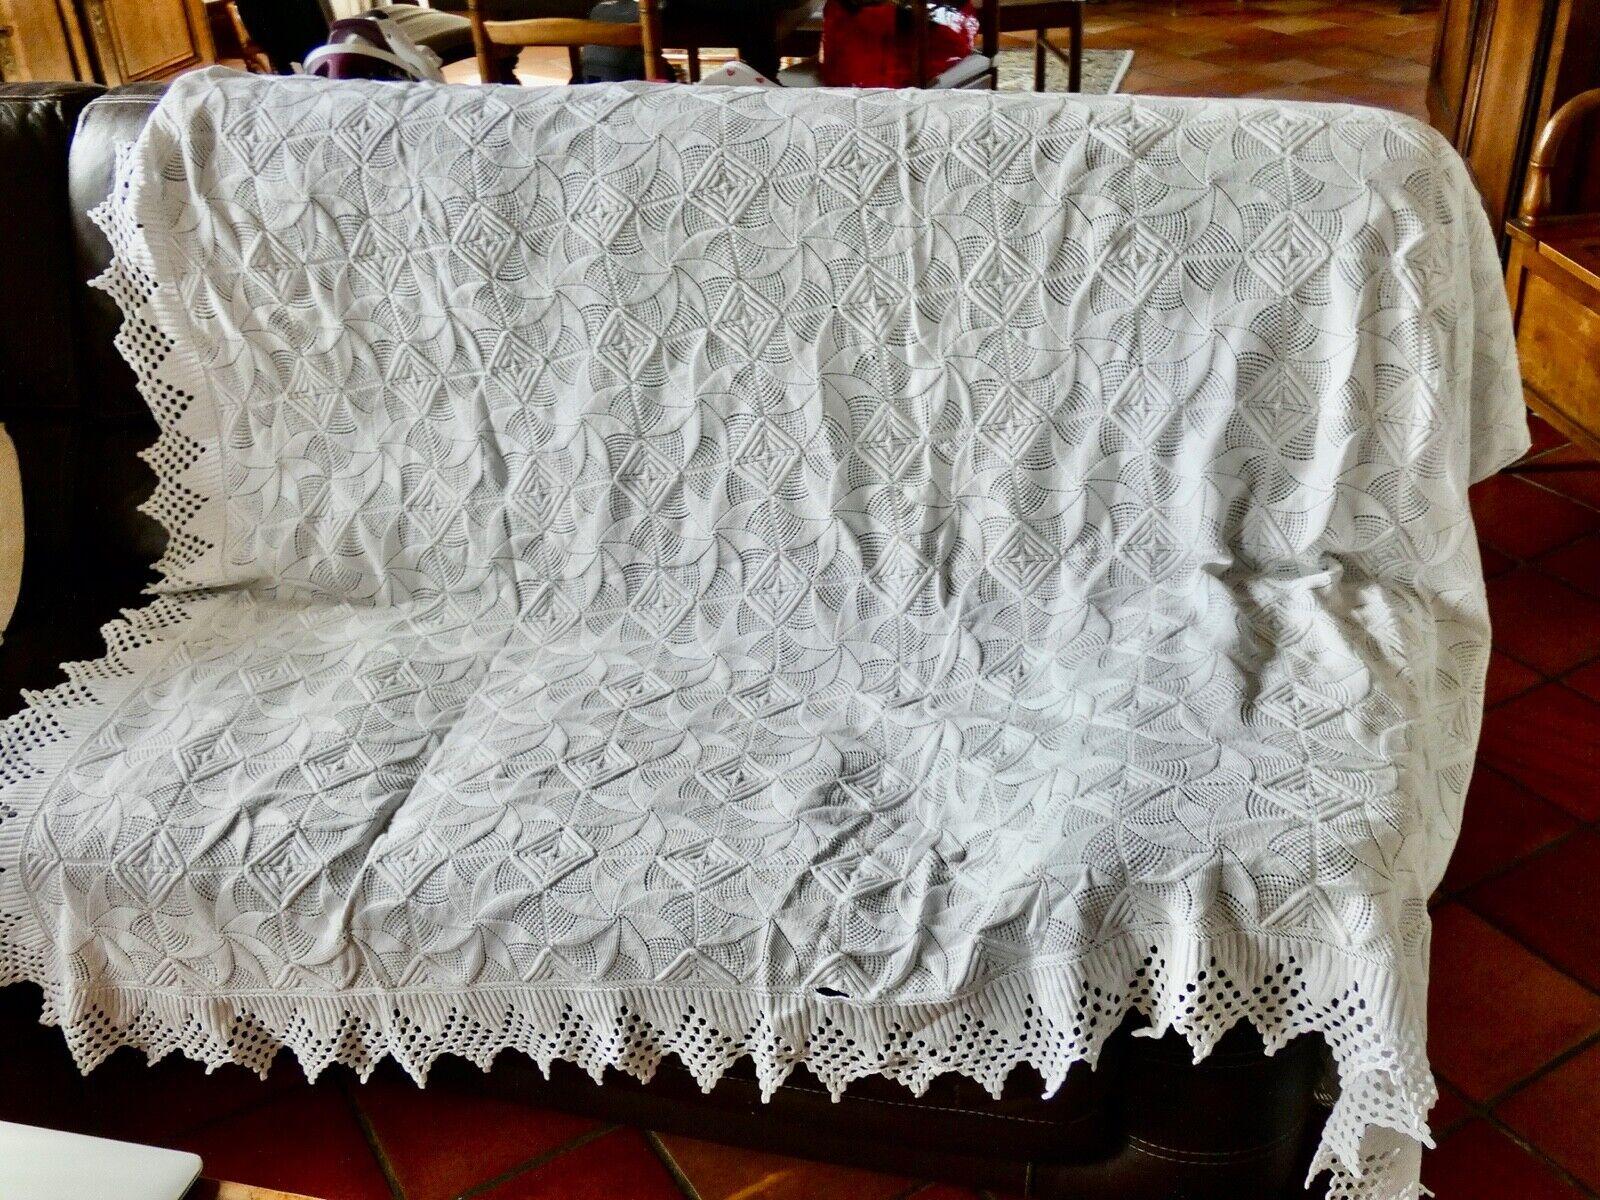 Ancien dessus lit canape coton blanc fait main crochet jolis motifs inacheve